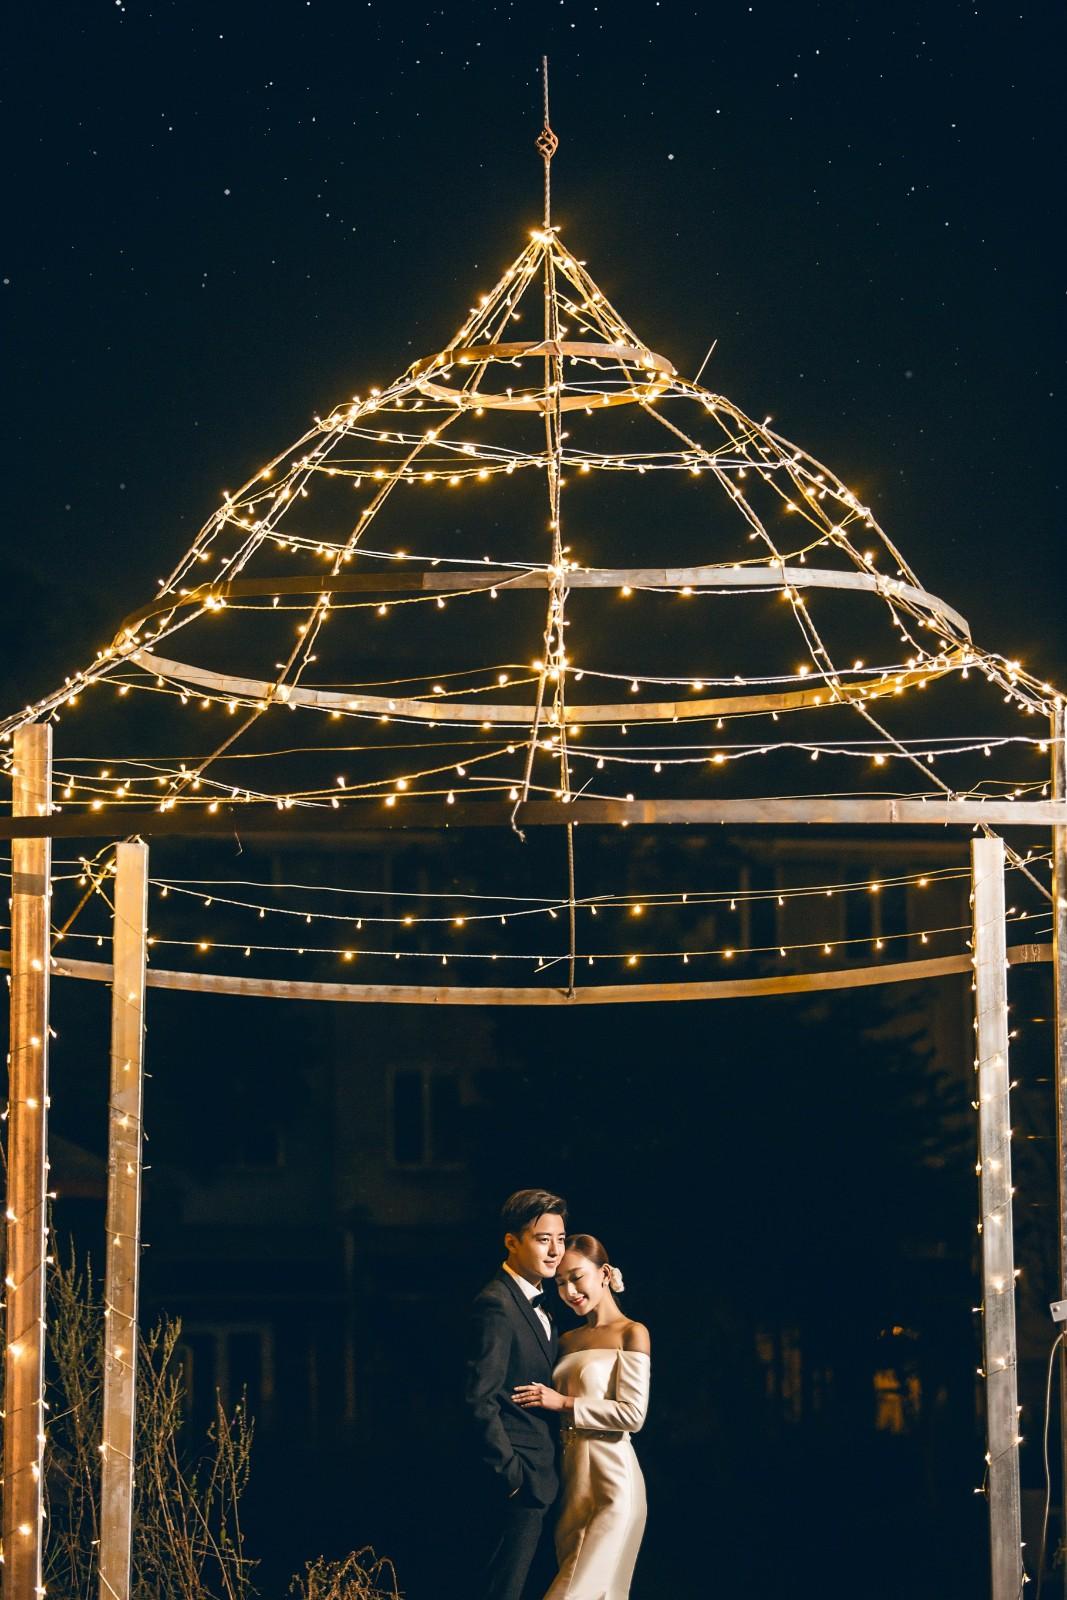 结婚时放的歌曲,主要以浪漫轻松的音乐为主